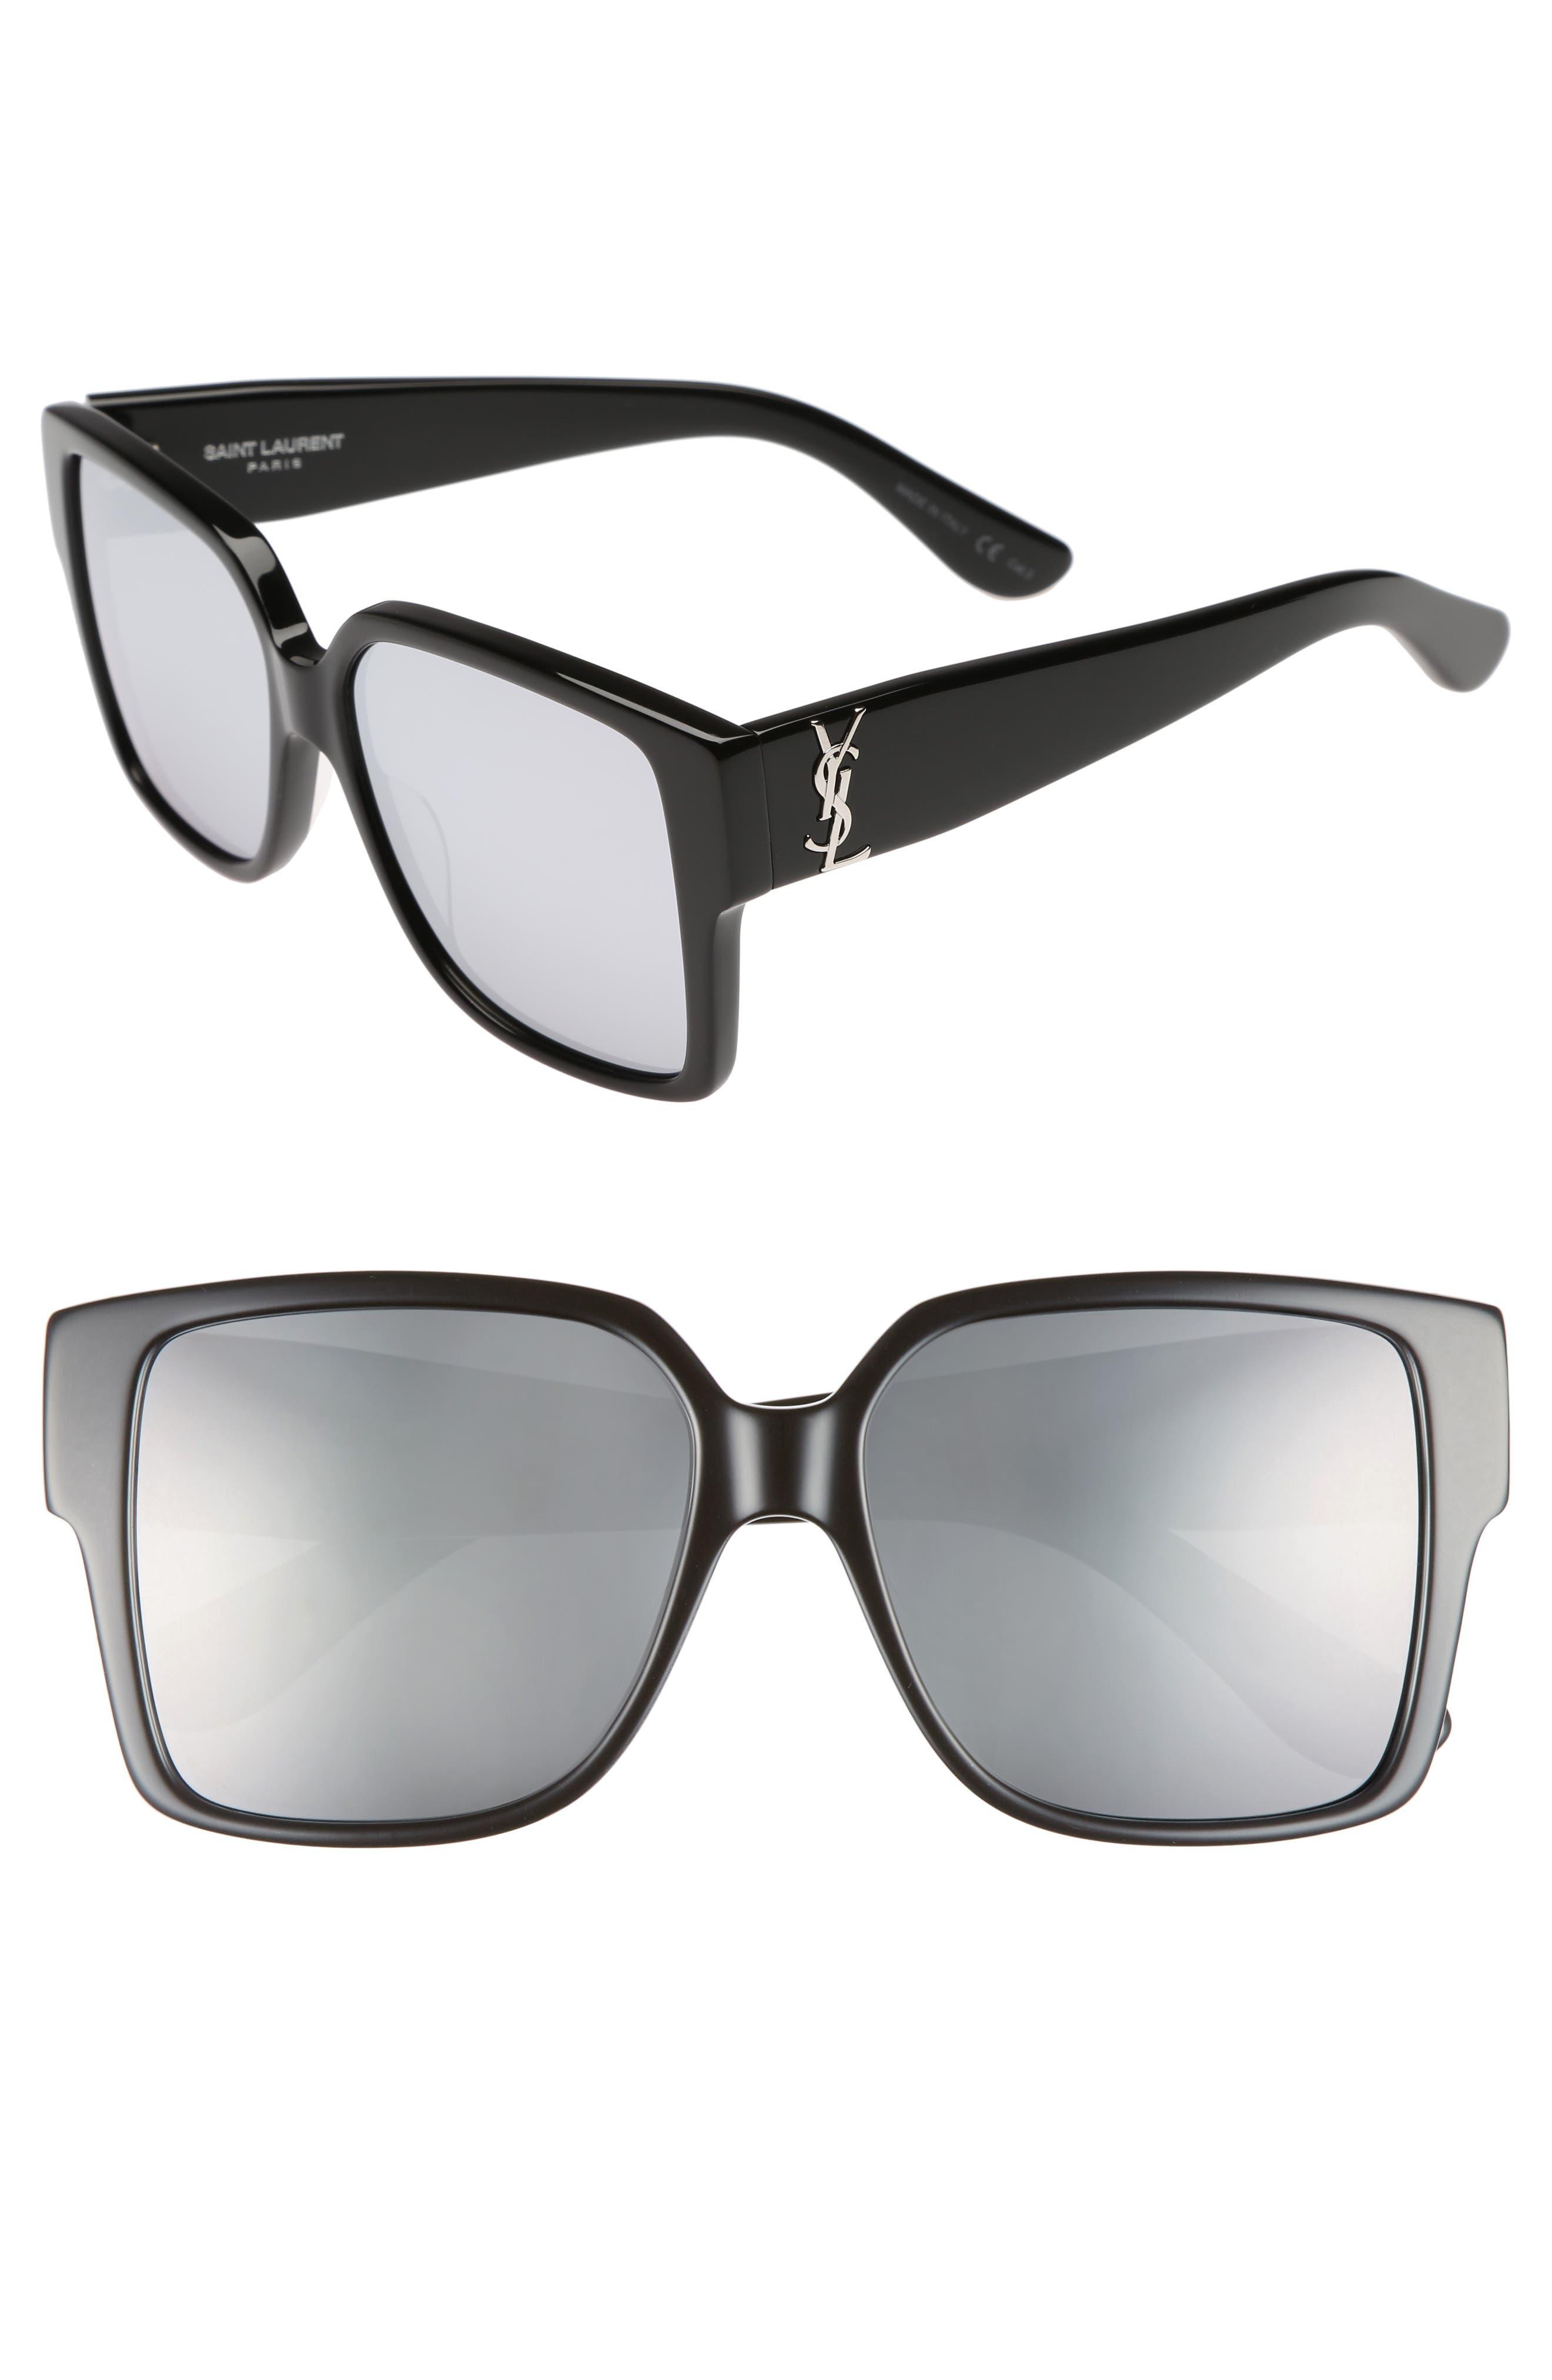 55mm Square Sunglasses,                         Main,                         color, 001